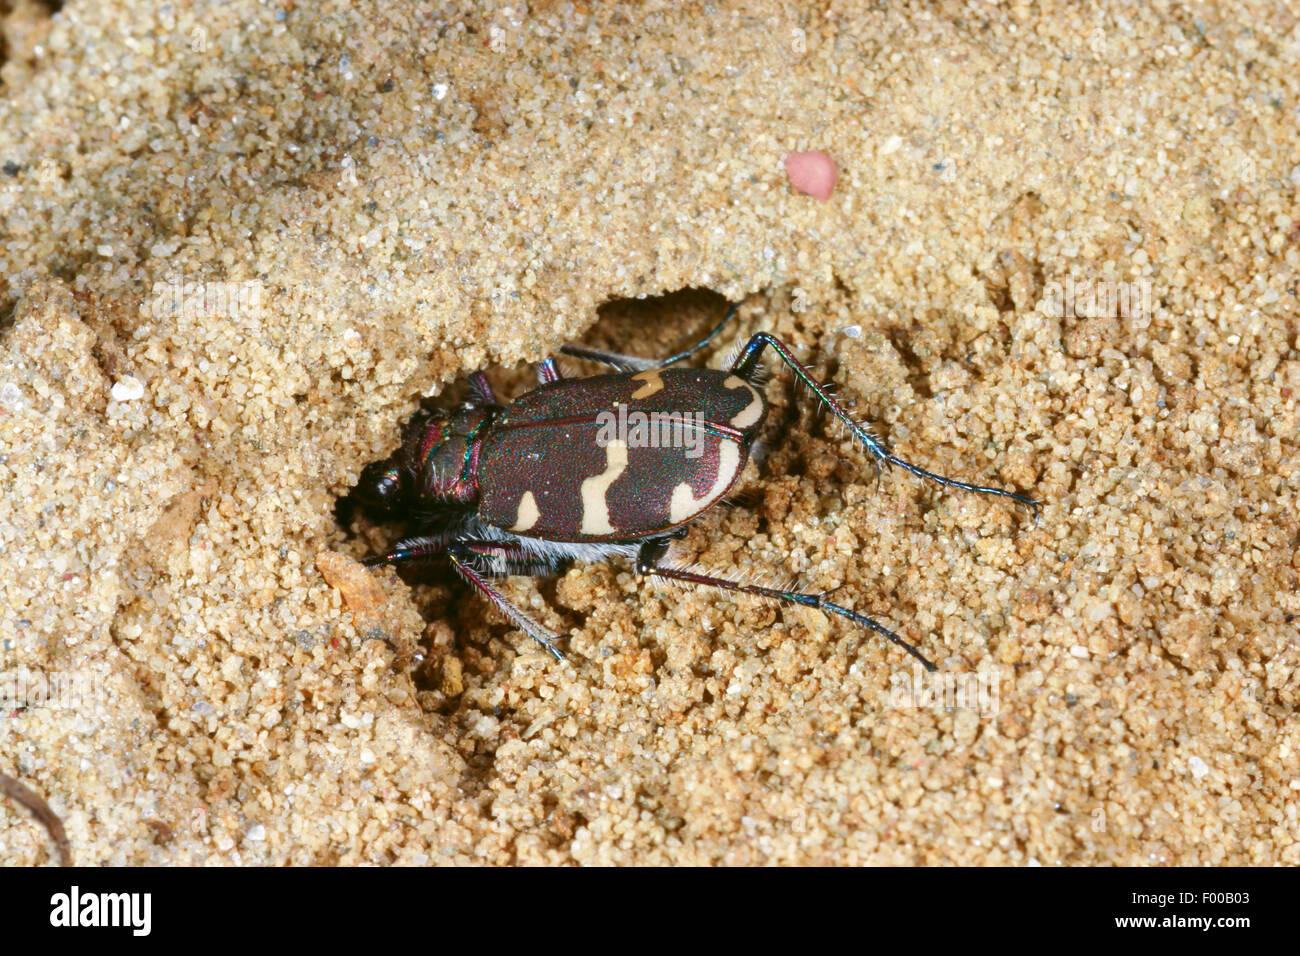 dune tiger beetle (Cicindela hybrida), digging in the sand, Germany - Stock Image